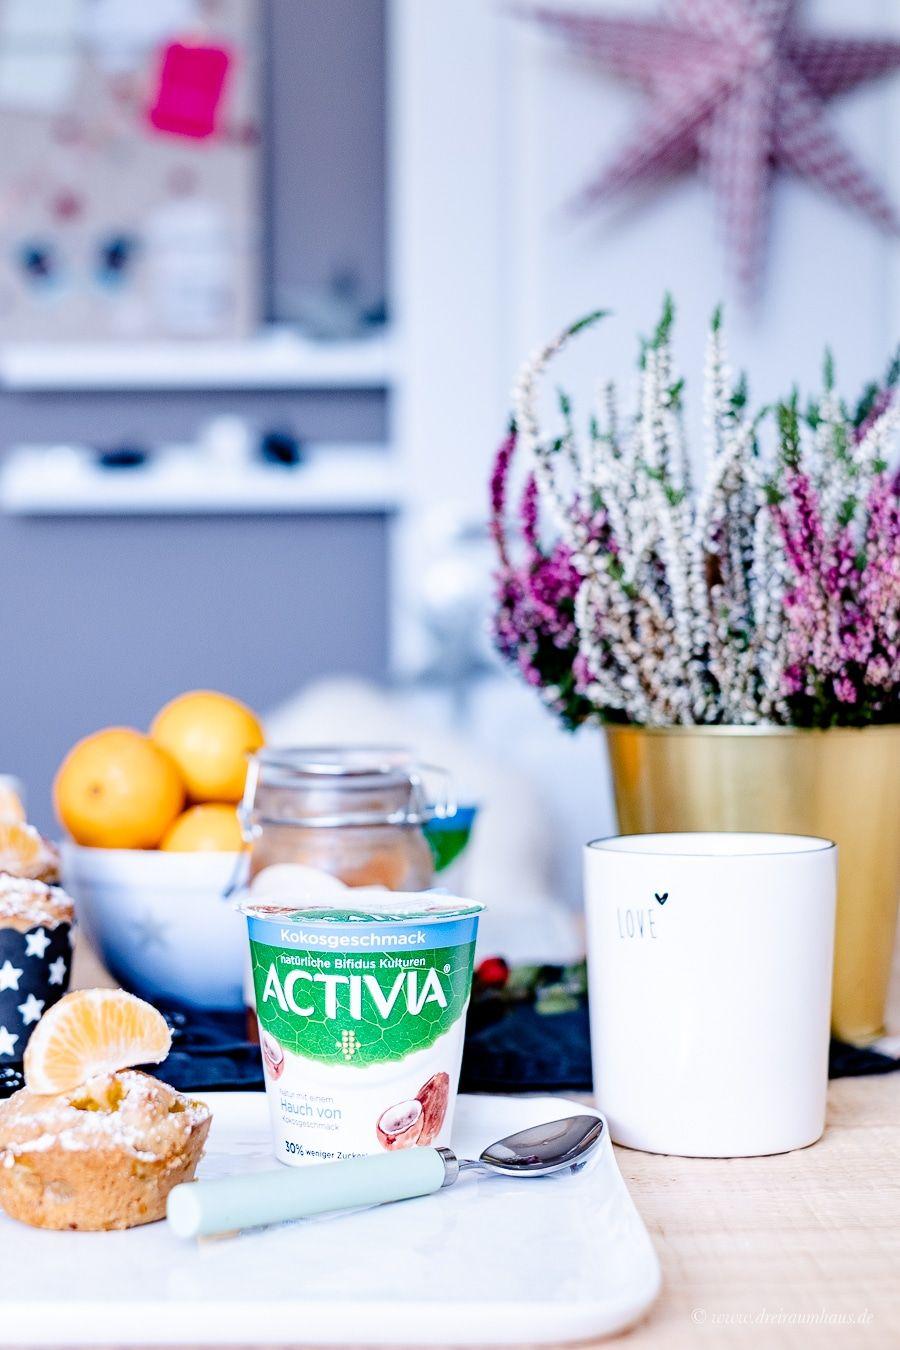 Mandarinen Frühstücksmuffins und ACTIVIA ein Hauch von Kokos. Warum Wohlfühlmomente Glücksmomente sind? Ein kleiner Leitfaden für einen ausgewogenen Alltag!